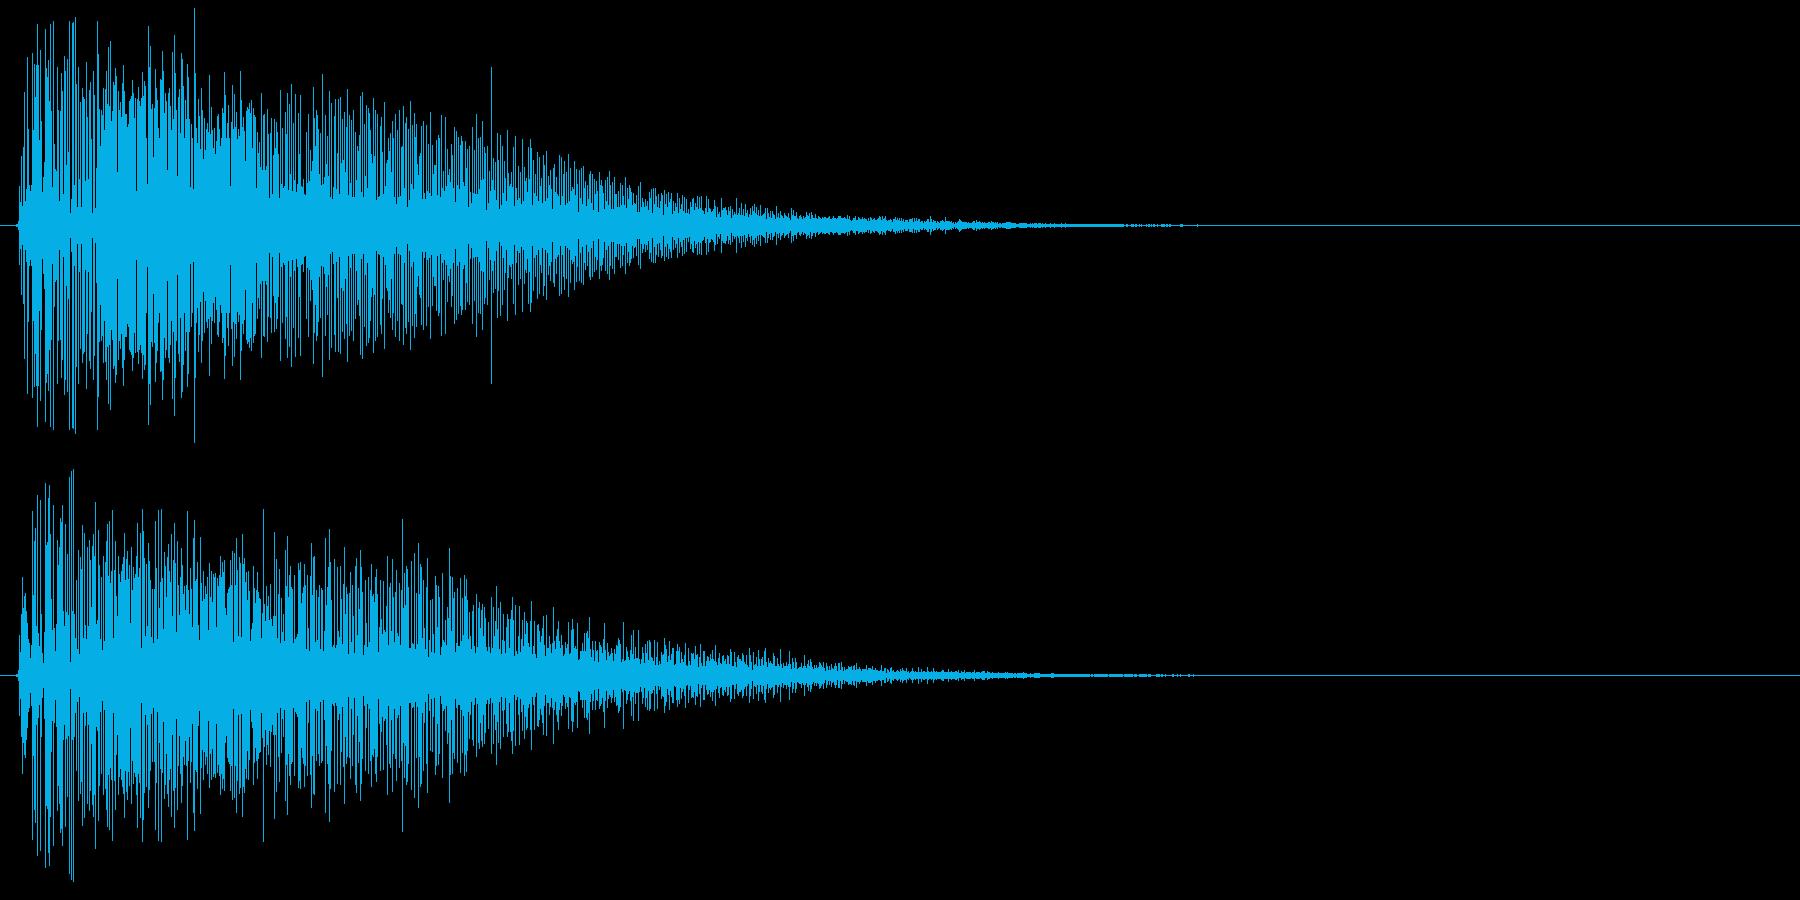 ライトセーバーを抜く音 光剣 レーザーの再生済みの波形